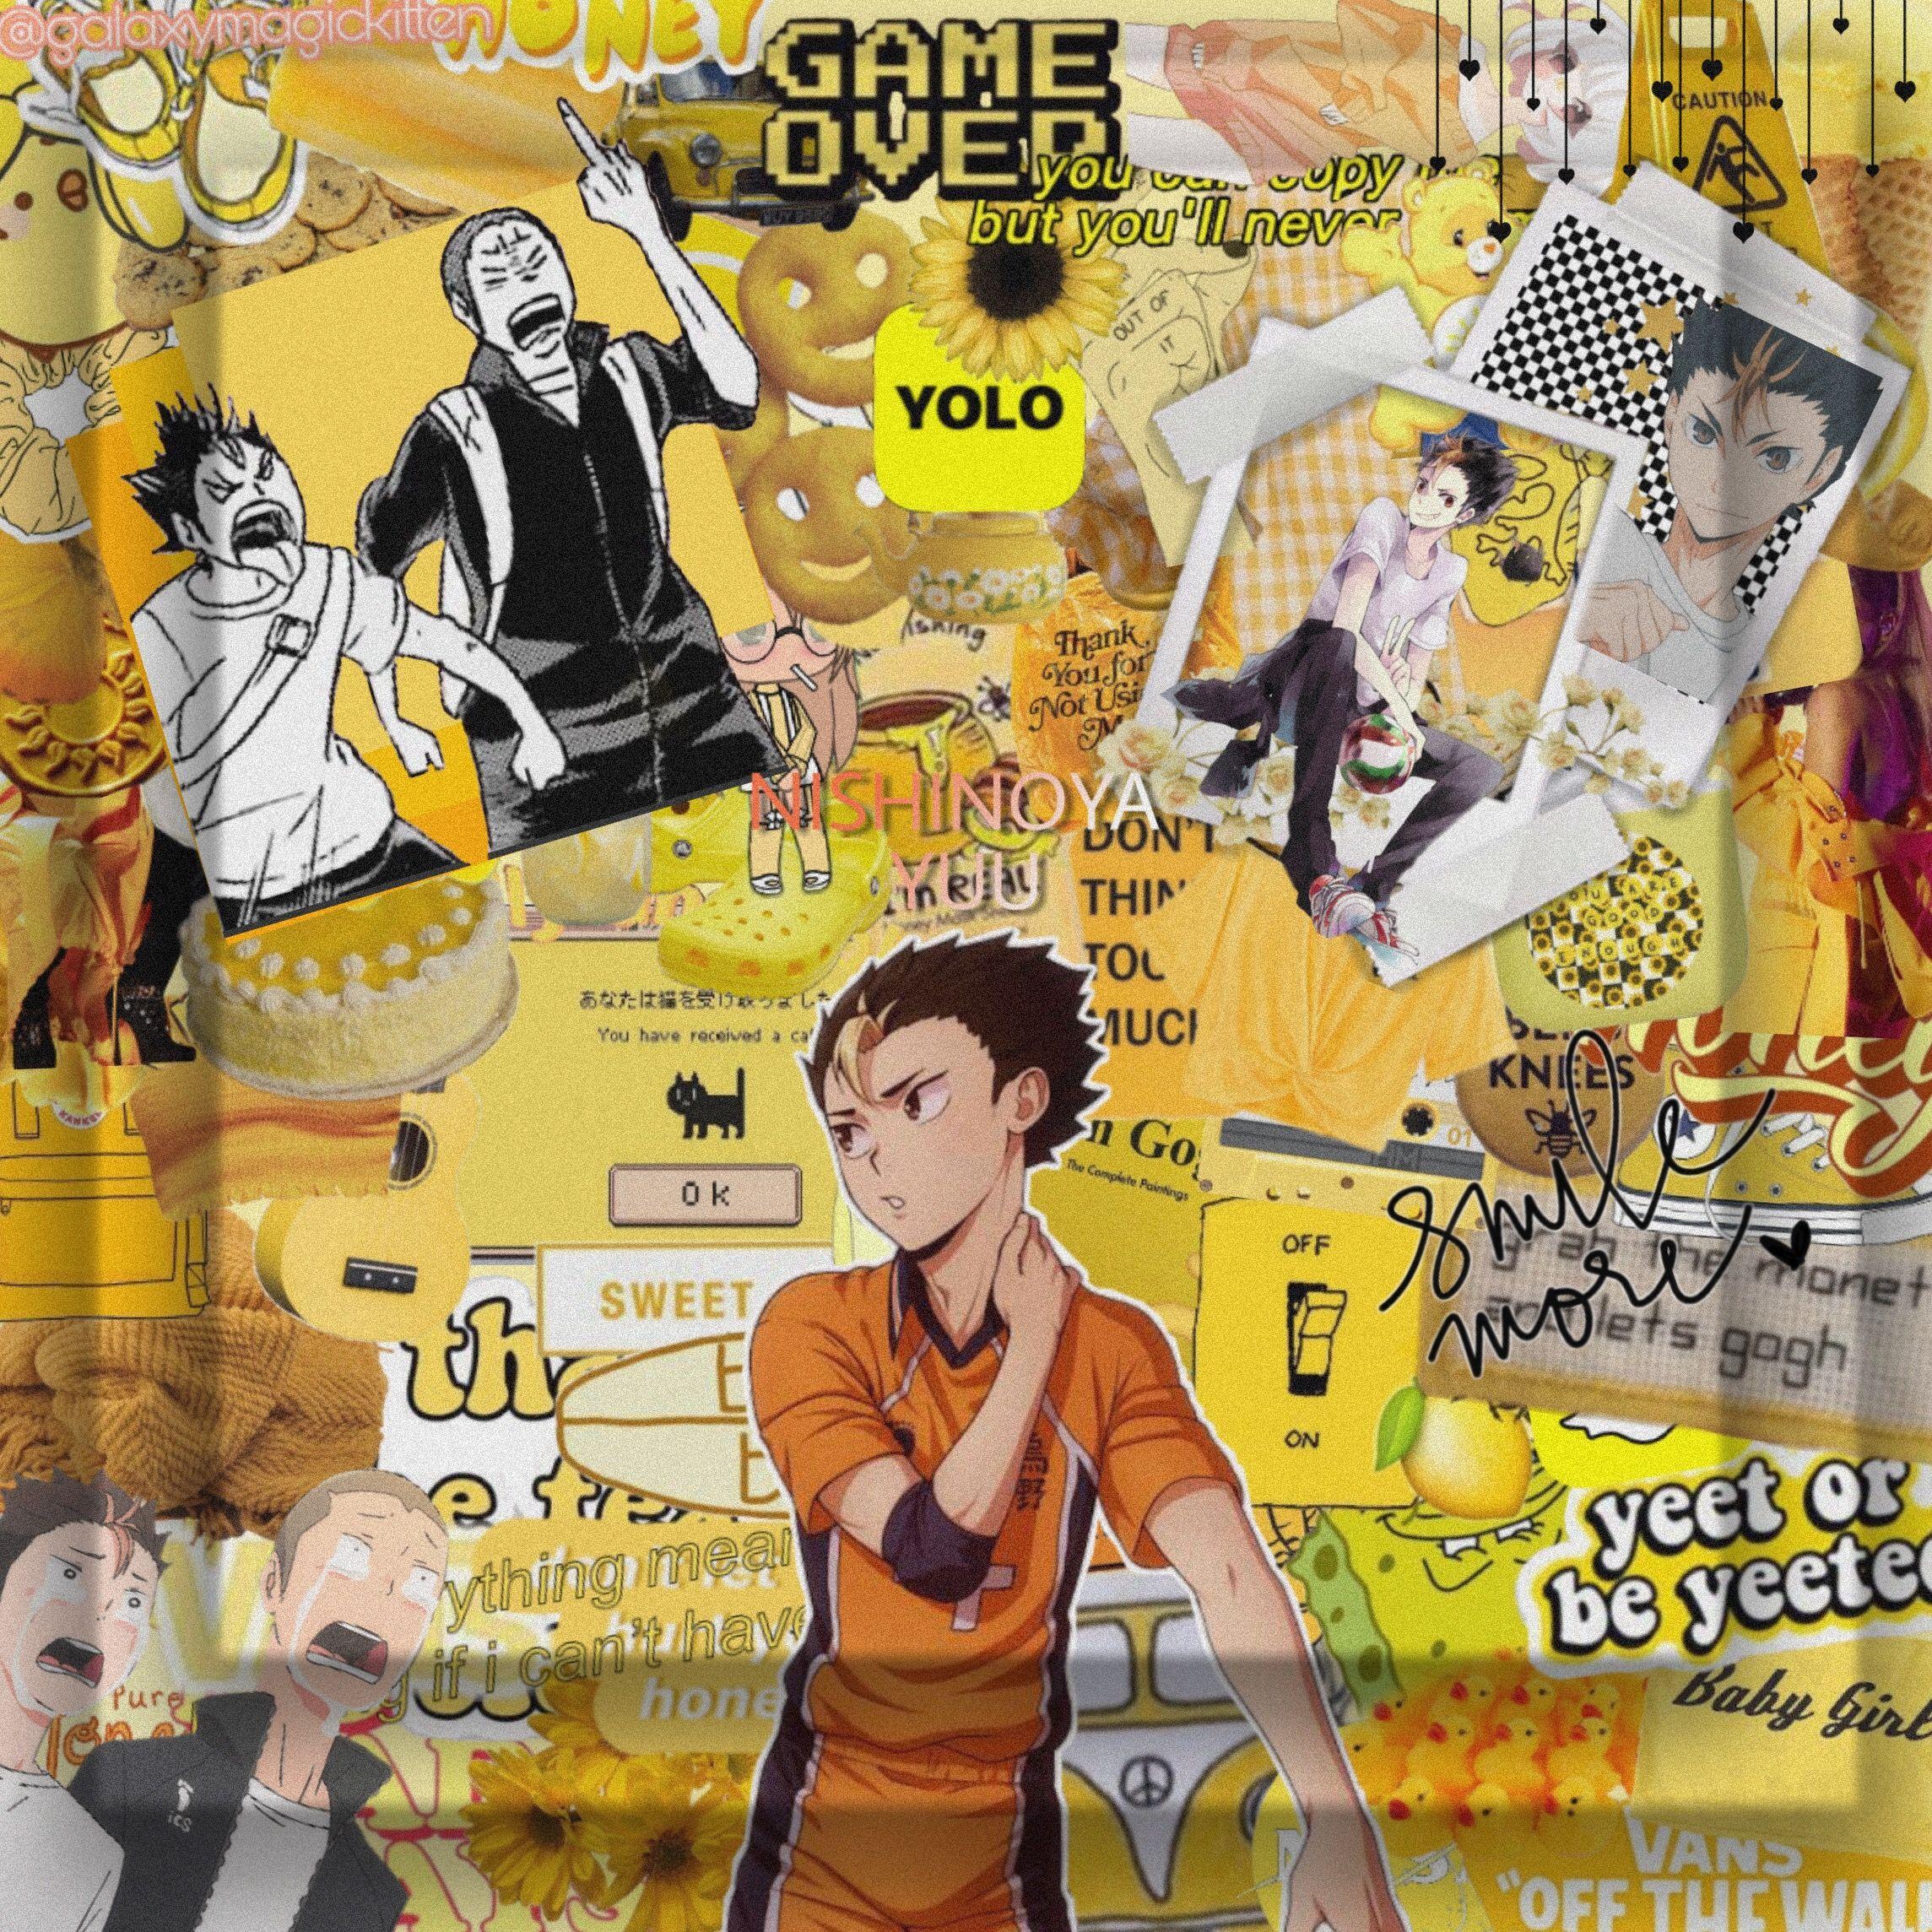 Nishinoya Freetoedit Nishinoya Yuunishinoya Haikyuu Haikyuu Haikyuuedit Haikyuunishinoya Yellow Yellowaesthe In 2020 Haikyuu Nishinoya Nishinoya Haikyuu